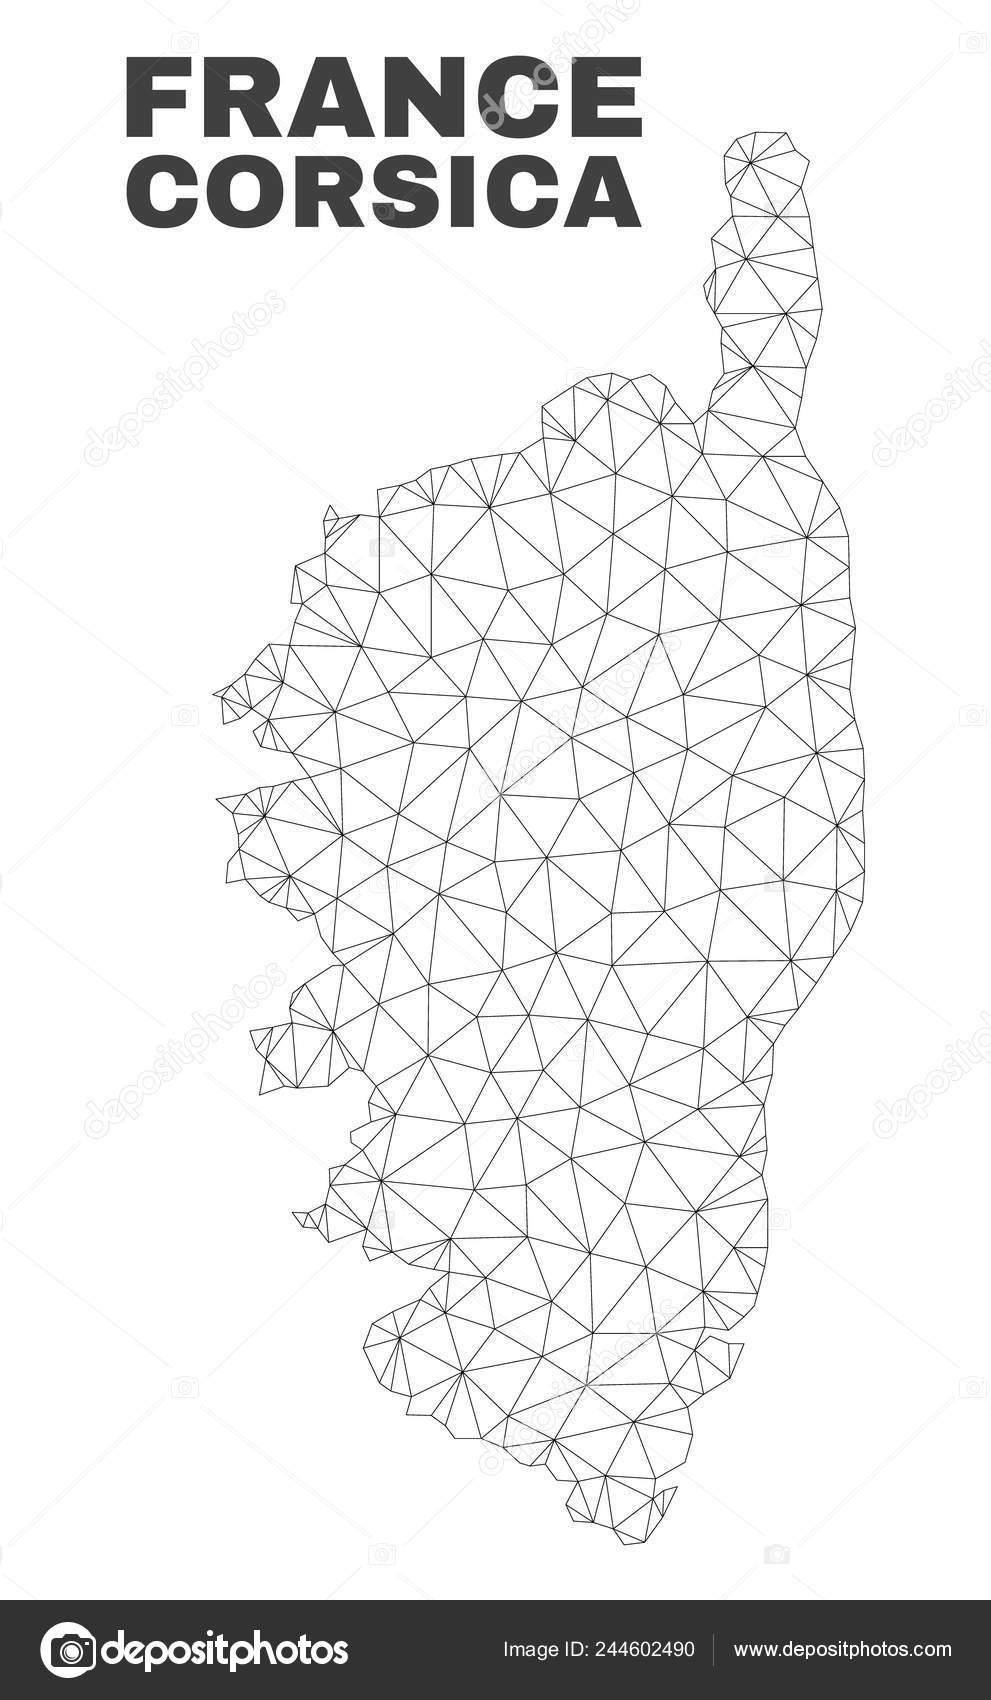 Carte Corse Fond Blanc.Carte De Corse Vecteur Maillage Polygonal Image